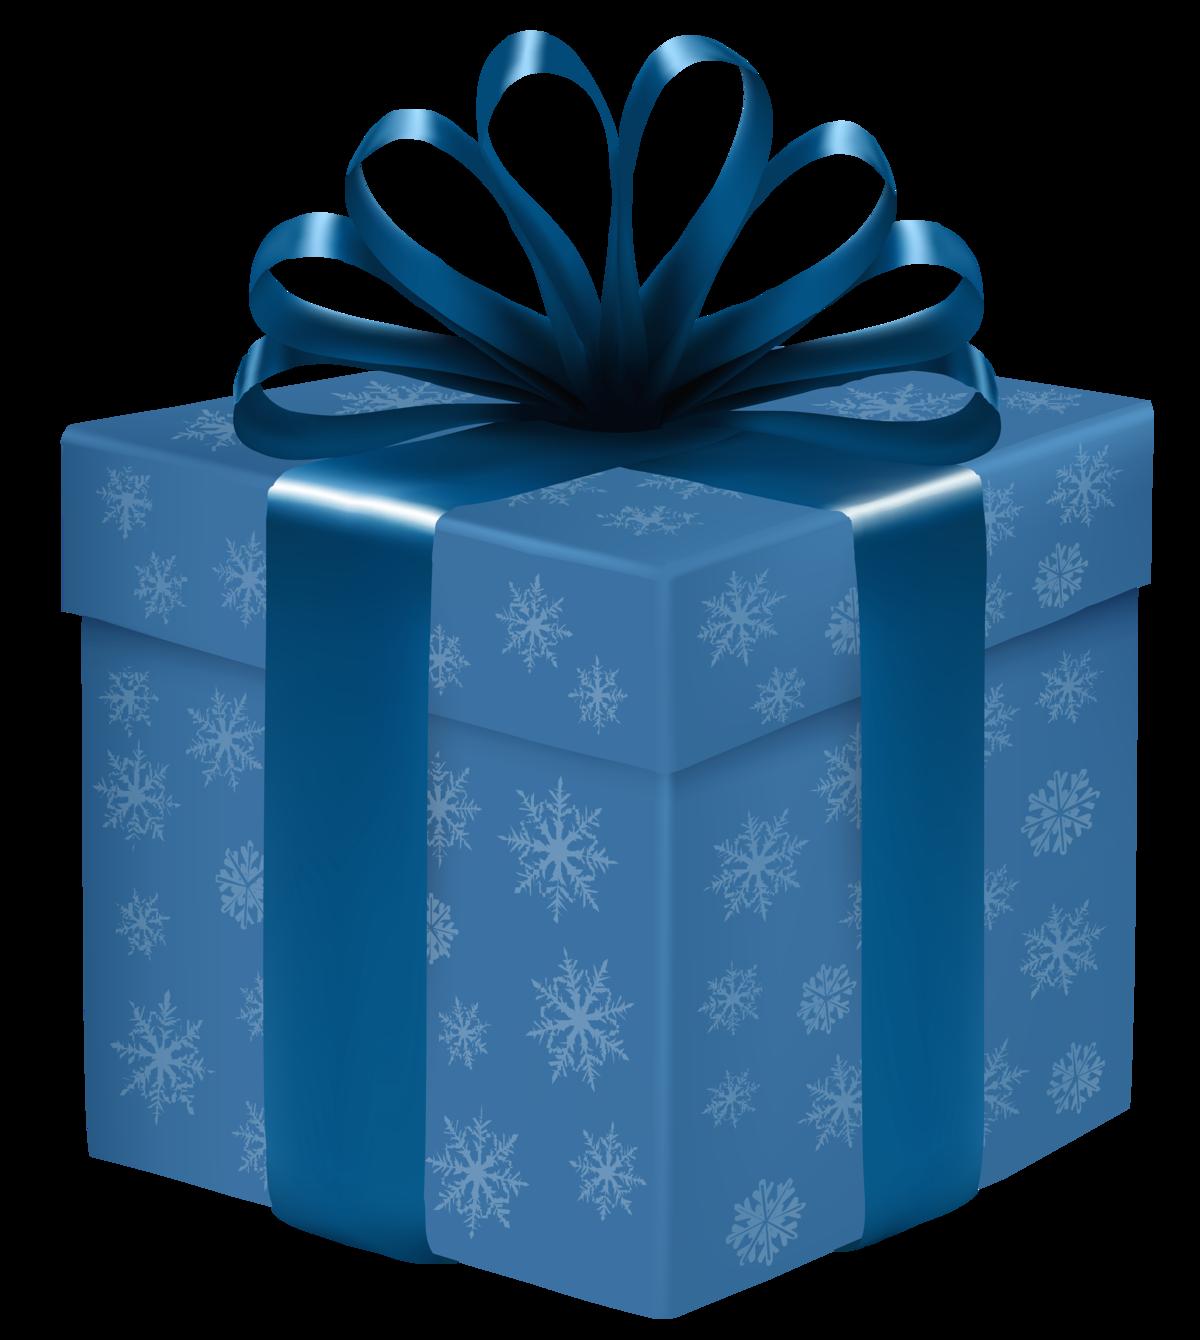 Подарочная коробка картинка пнг